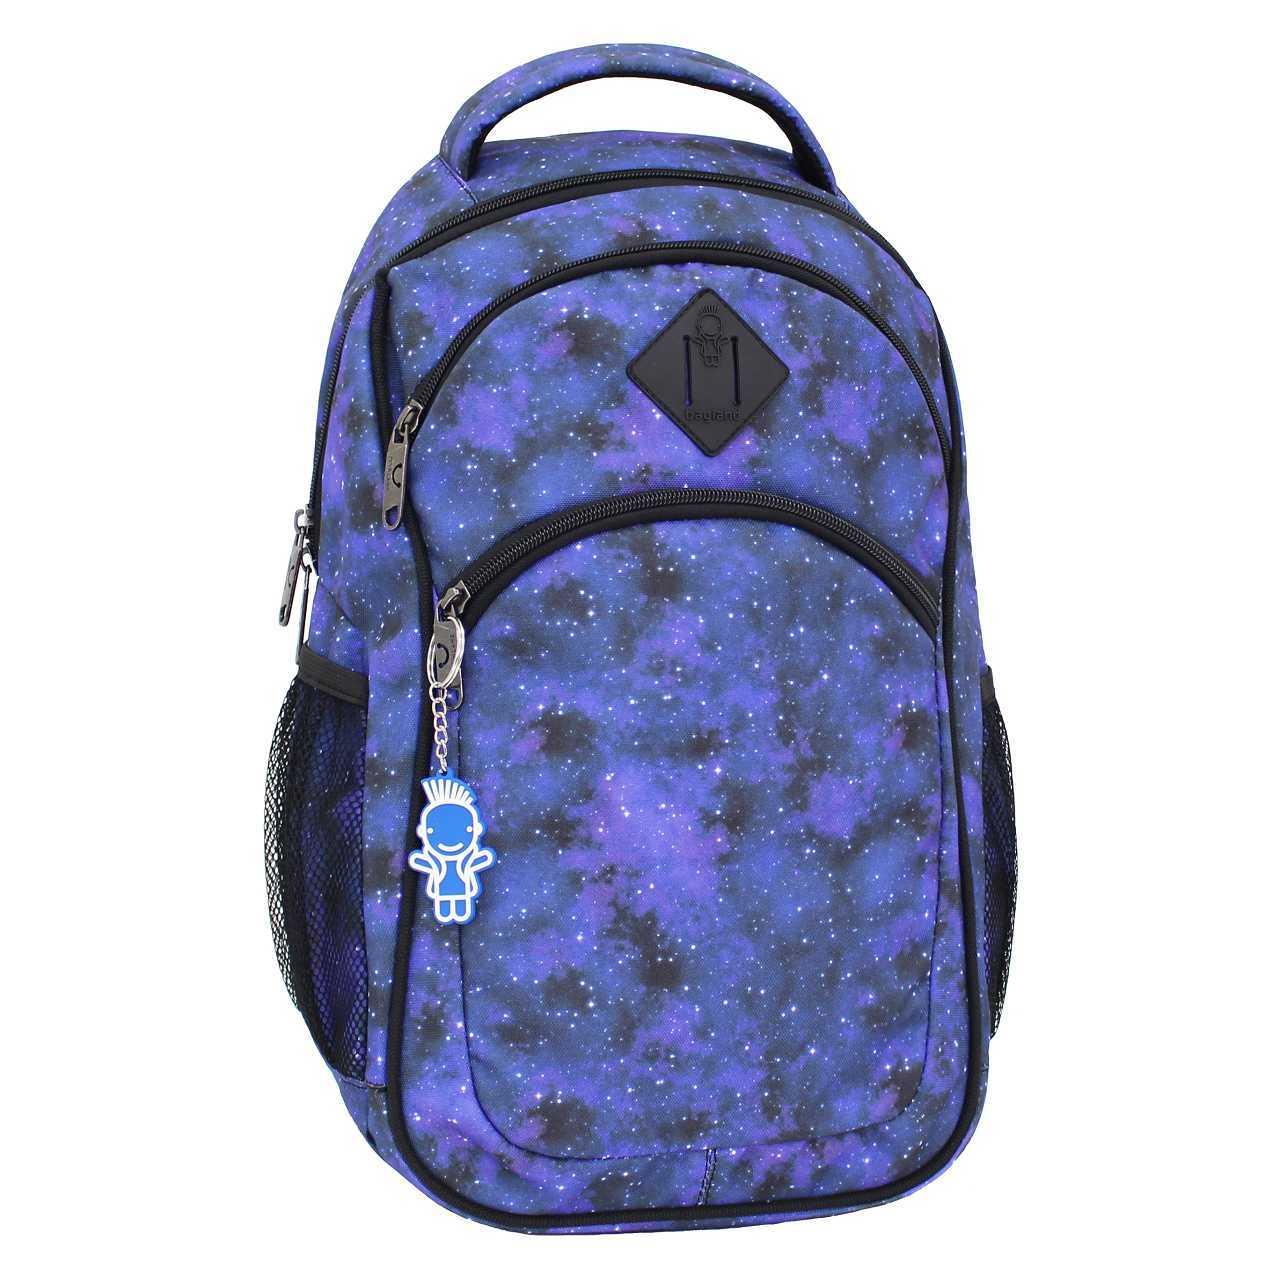 Городские рюкзаки Рюкзак Bagland Лик 21 л. сублимация (космос) (00557664) IMG_7653.jpg